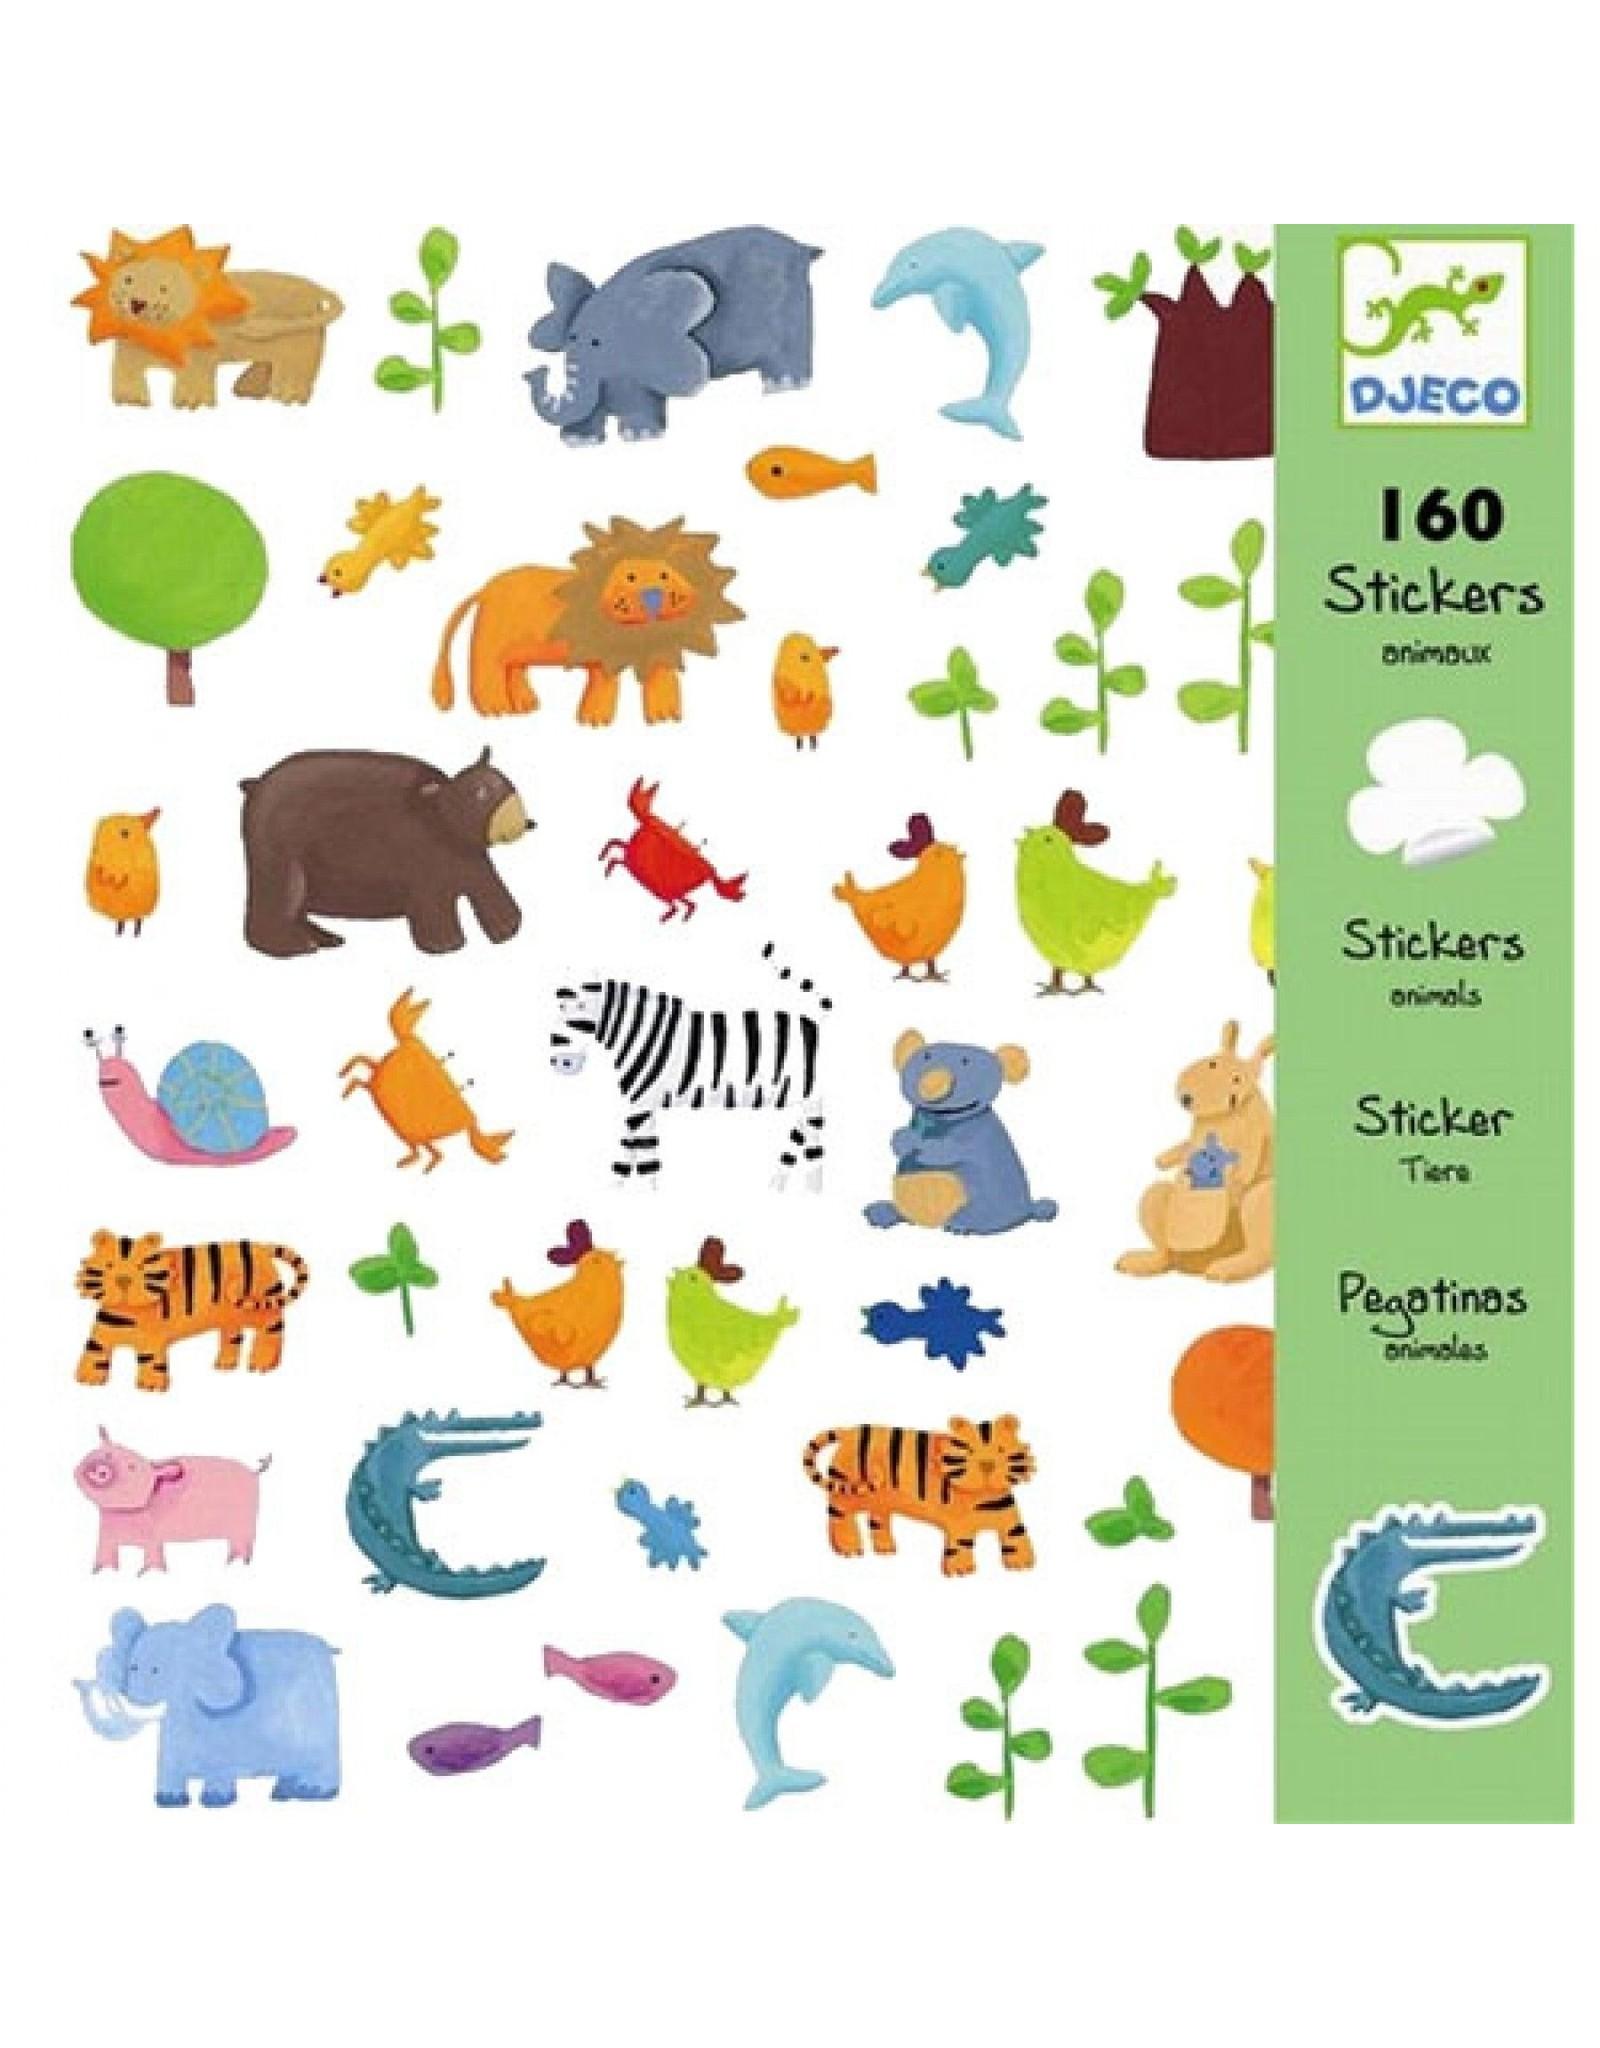 Djeco Stickers Animals DJ08841